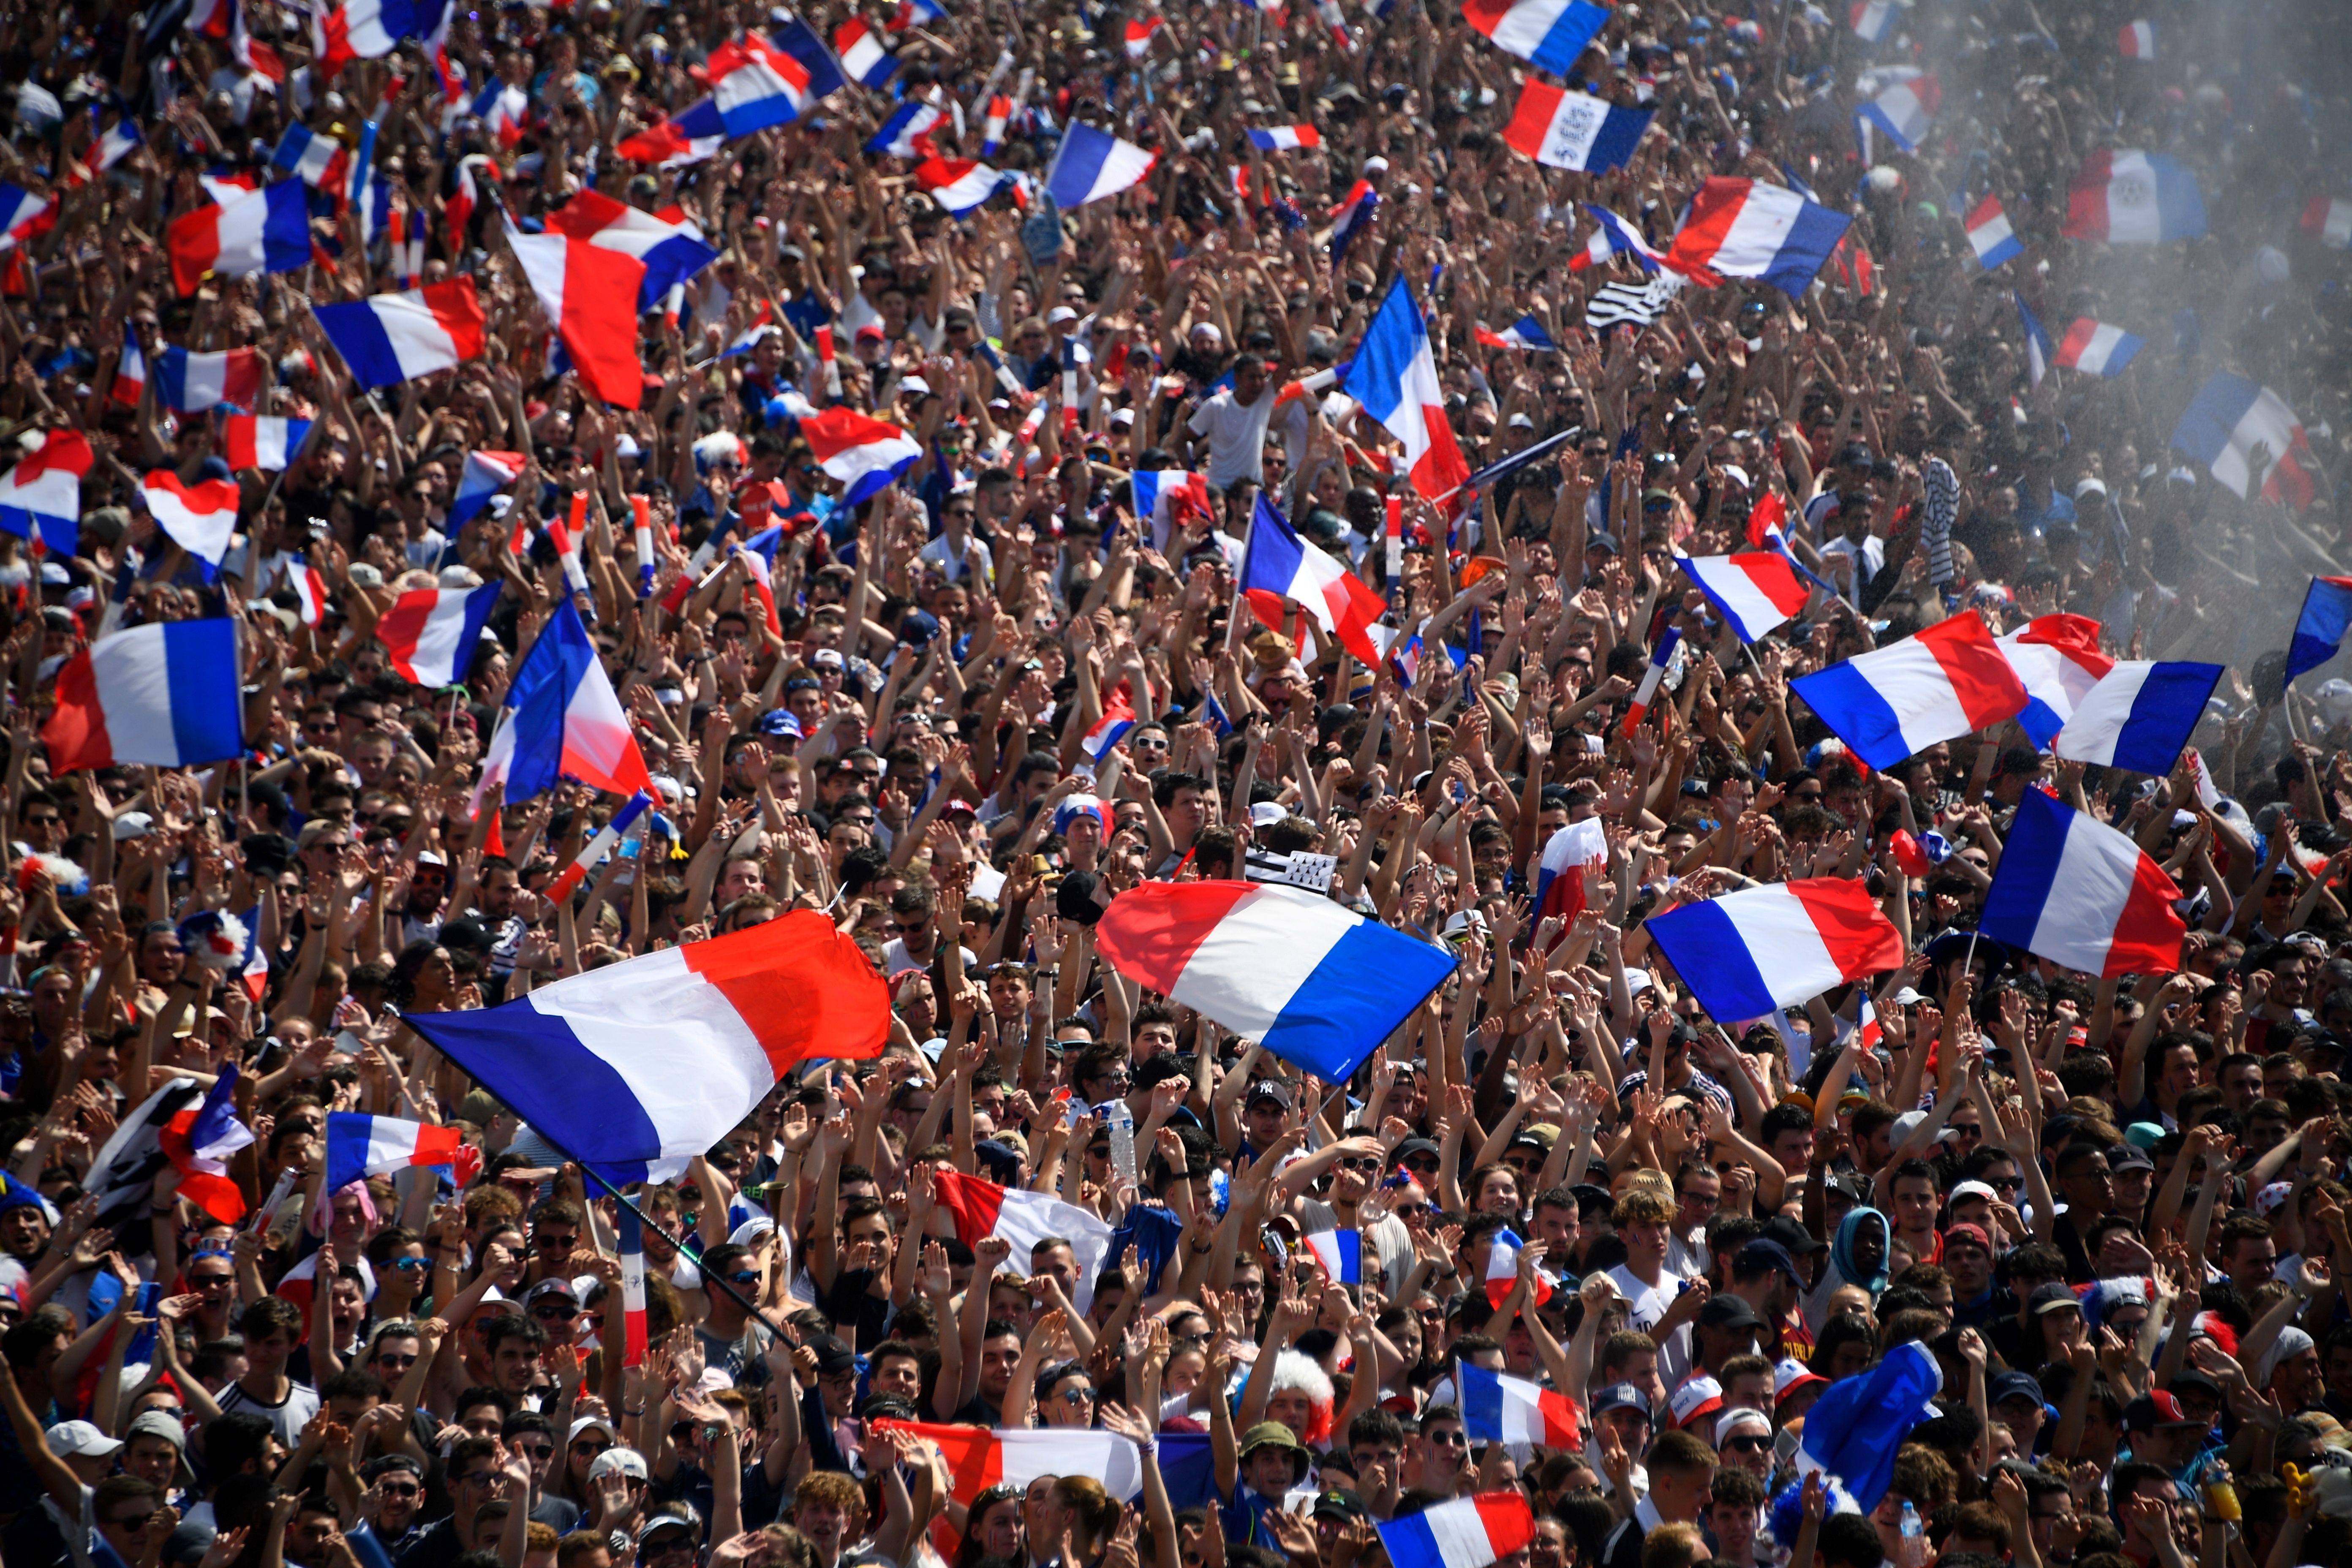 巴黎圣日耳曼主教练_法国国家队大名单公布 格里兹曼博格巴领衔 | Goal.com